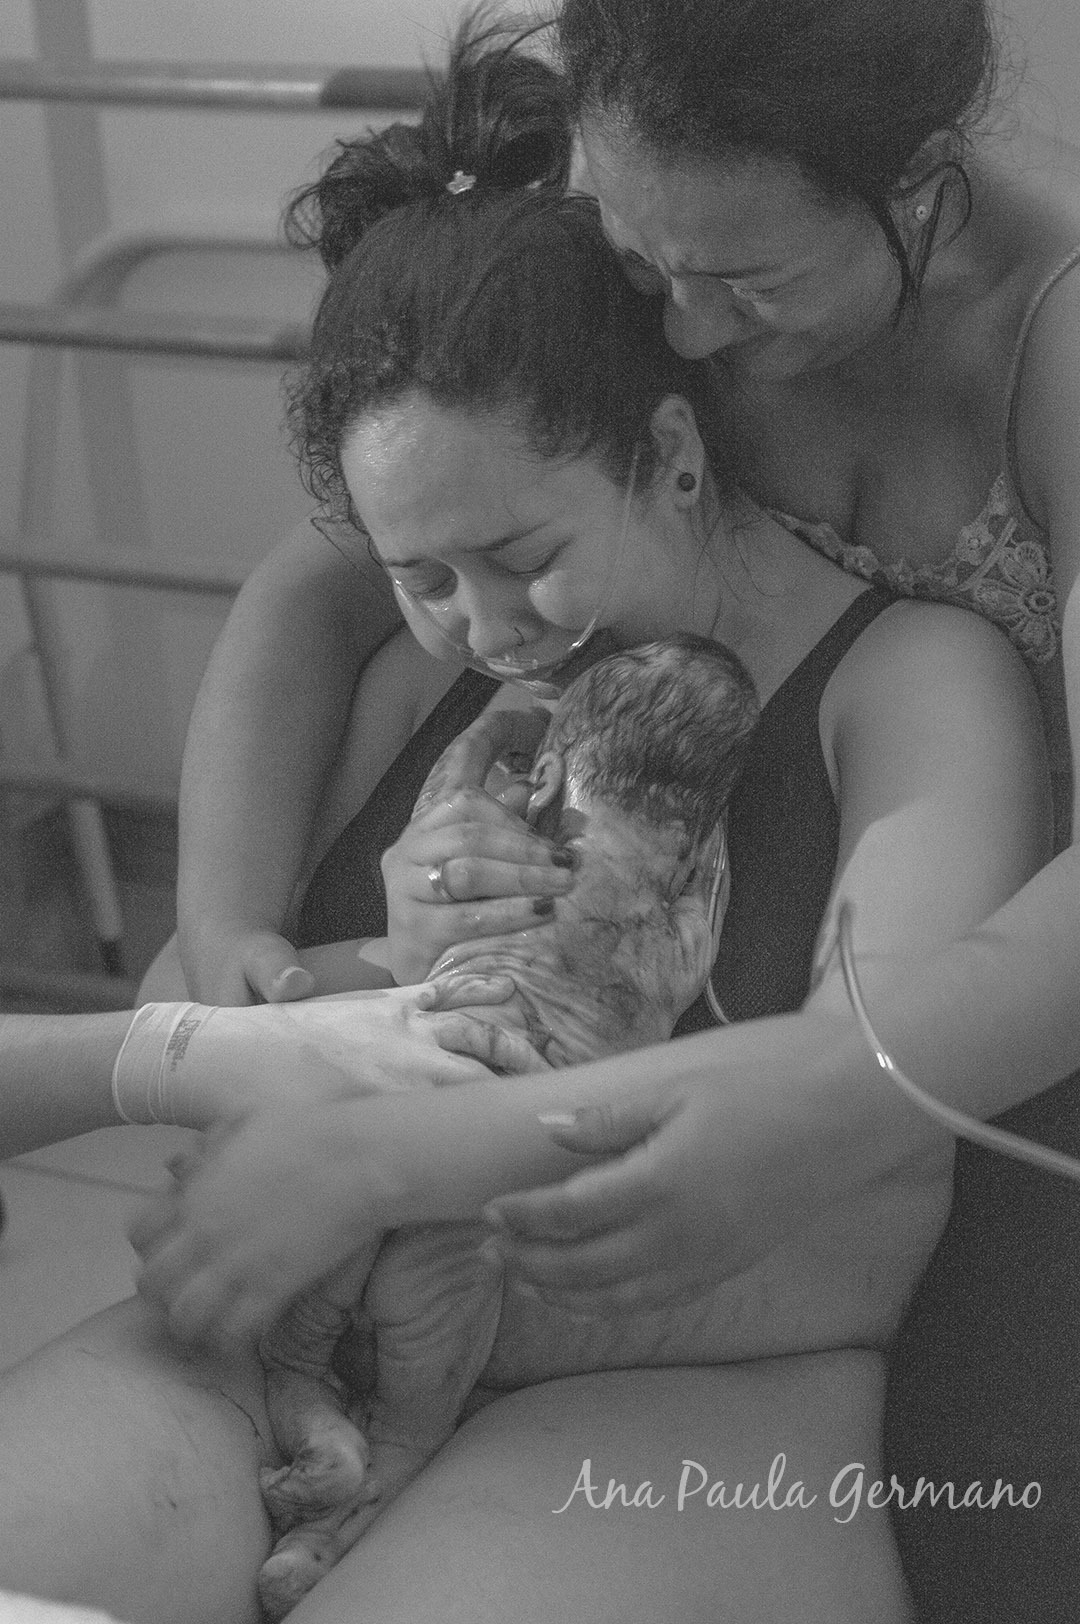 FOTOGRAFO DE PARTO/SP: CASA ANGELA Centro de Parto HUMANIZADO - Fotografia do NASCIMENTO do Raul 35